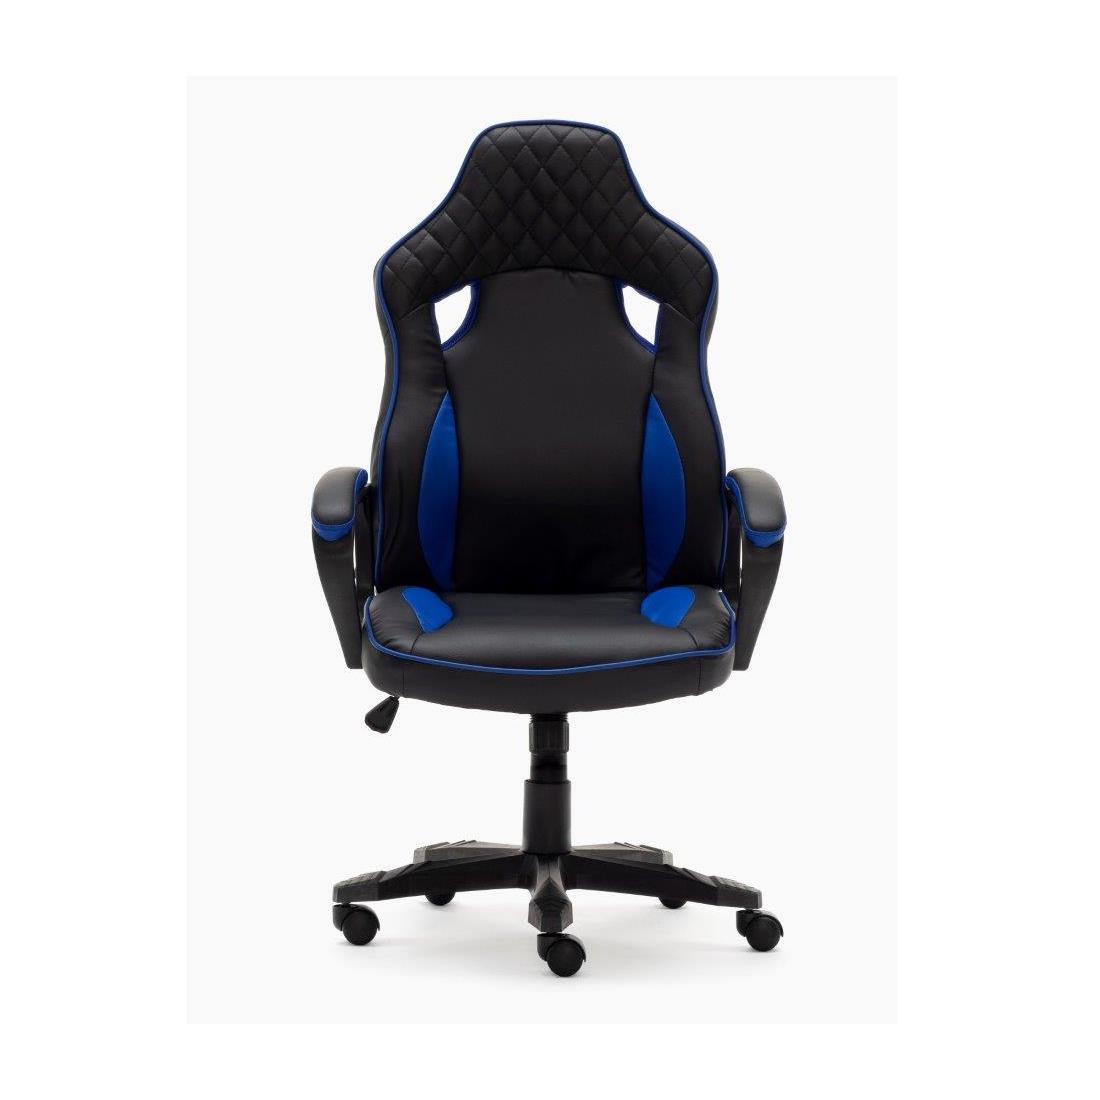 CosturasEn Azul Silla HamiltonBasculanteTapizado Con Gaming Y Negro PukiZX